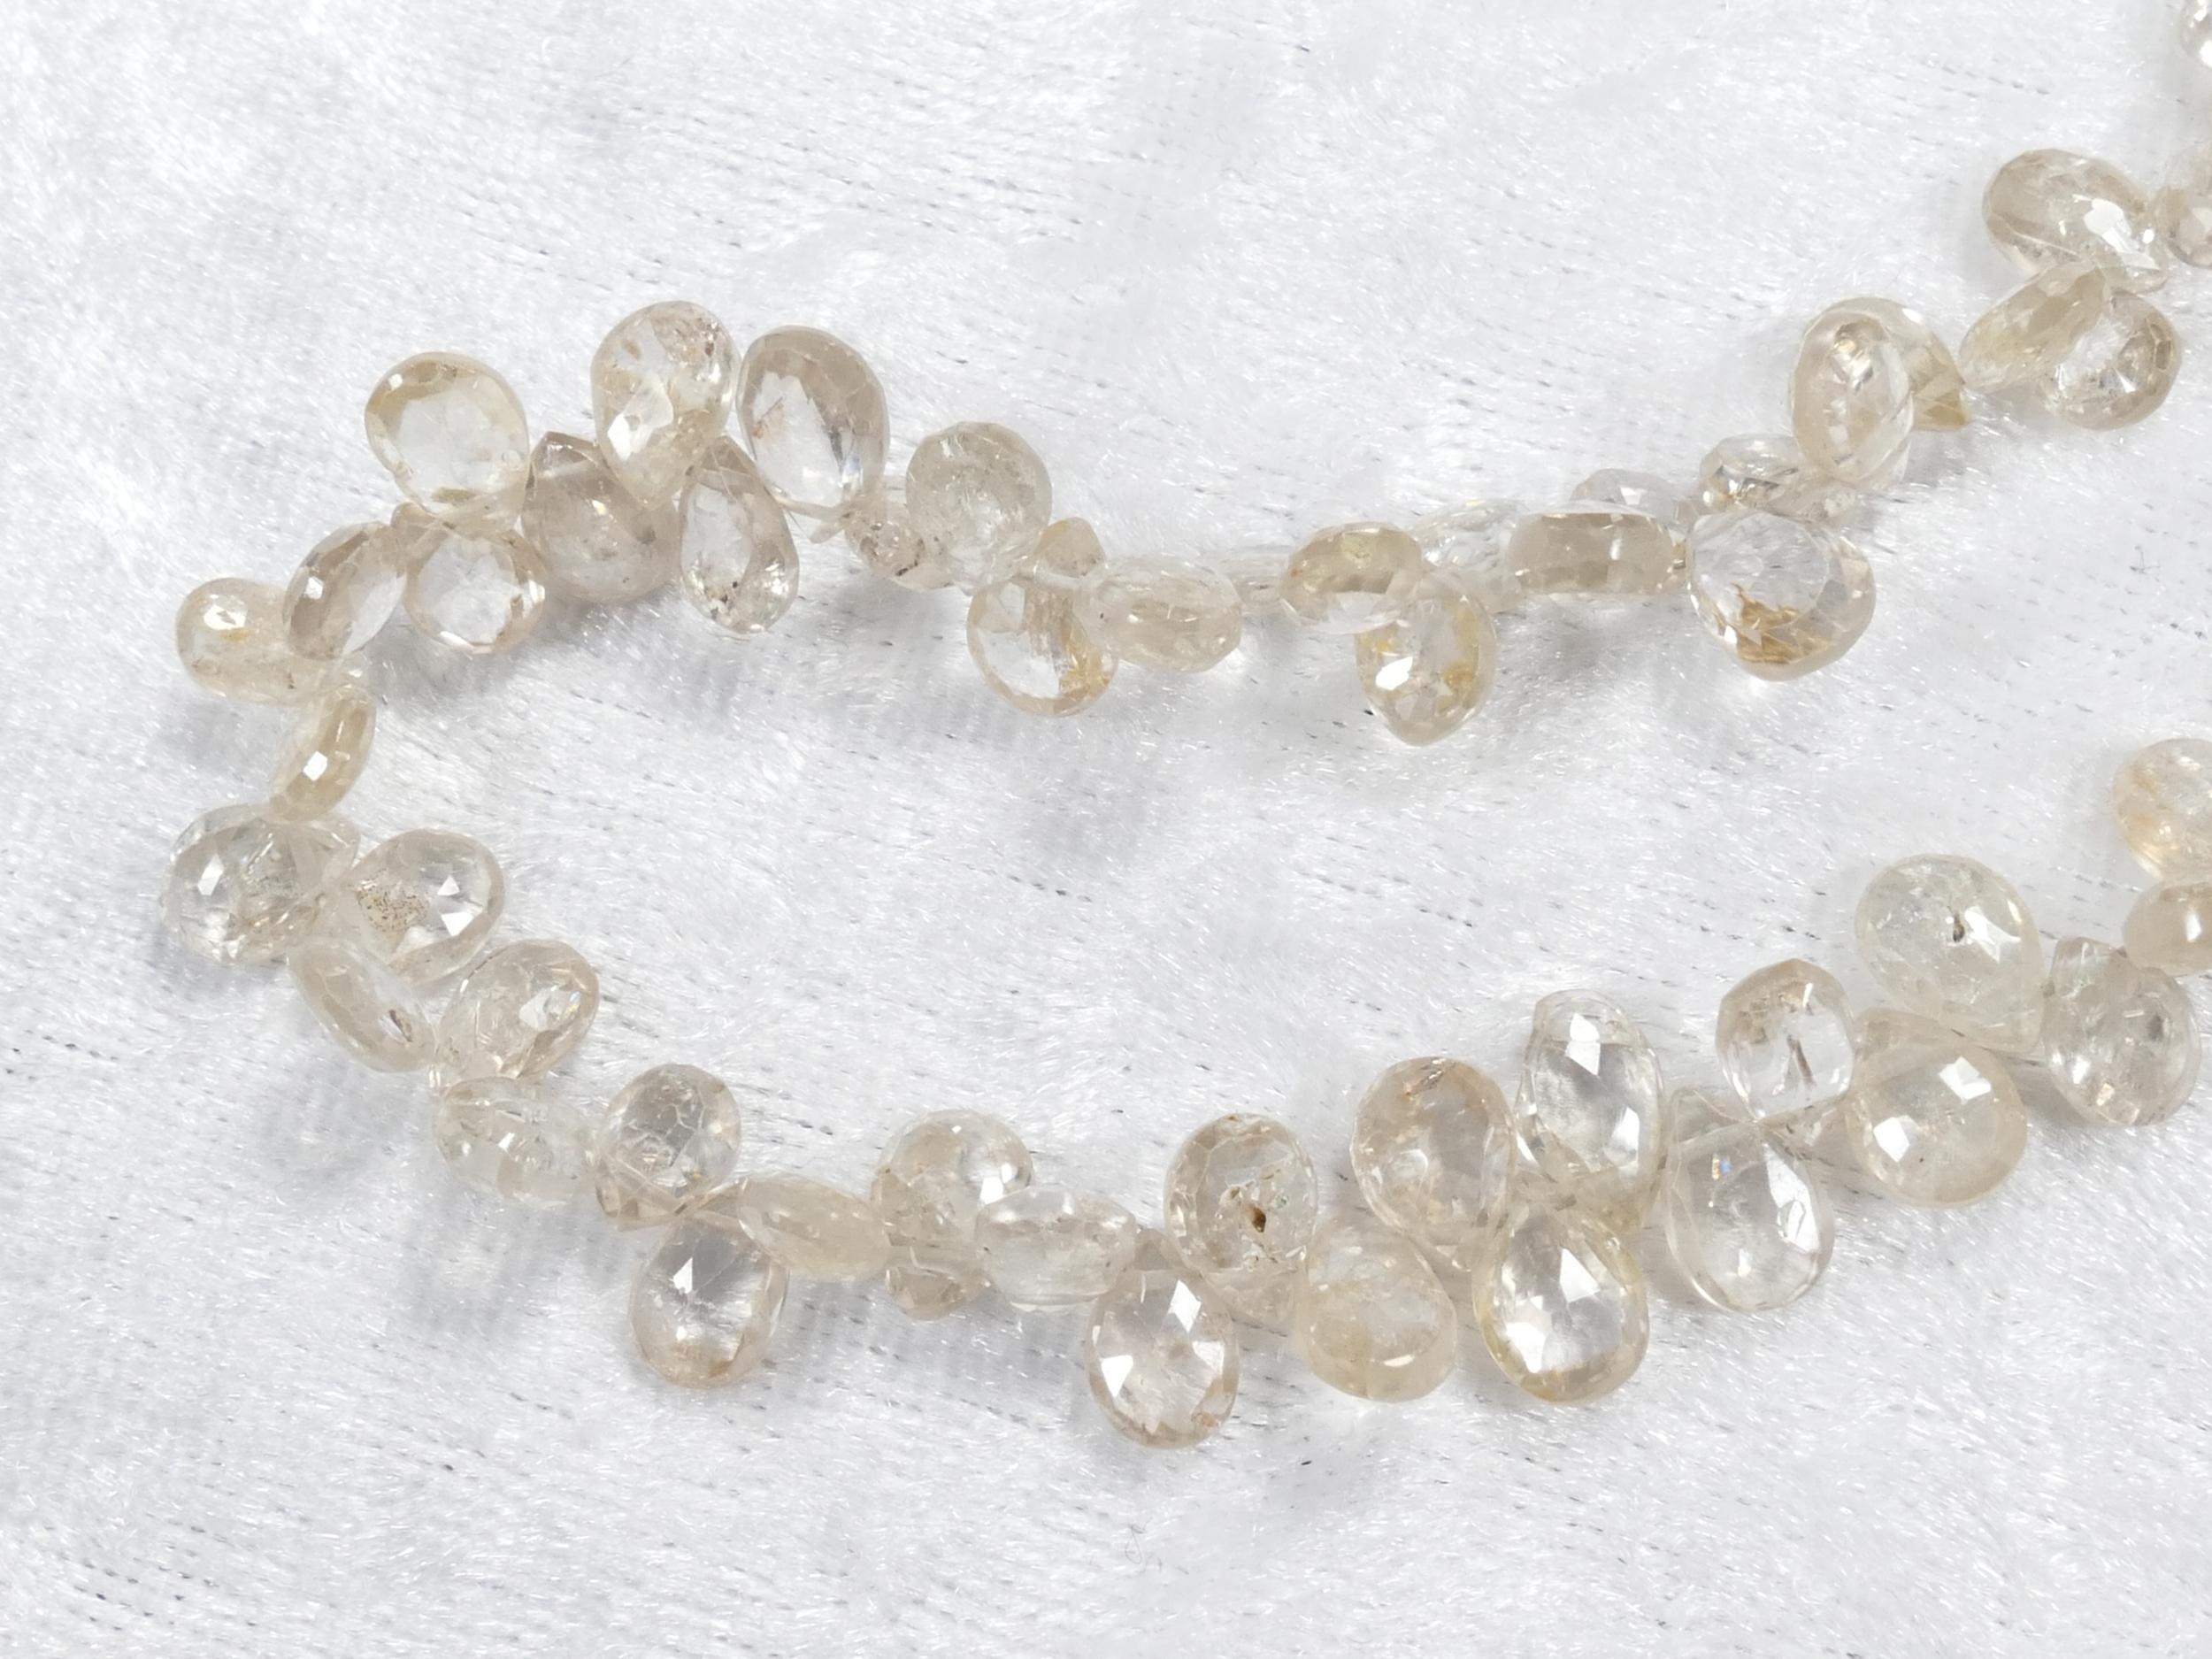 6x4/7x5mm x8 Perles de Zircon naturel champagne léger en goutte plate facettée d\'Afrique (#AC1052)